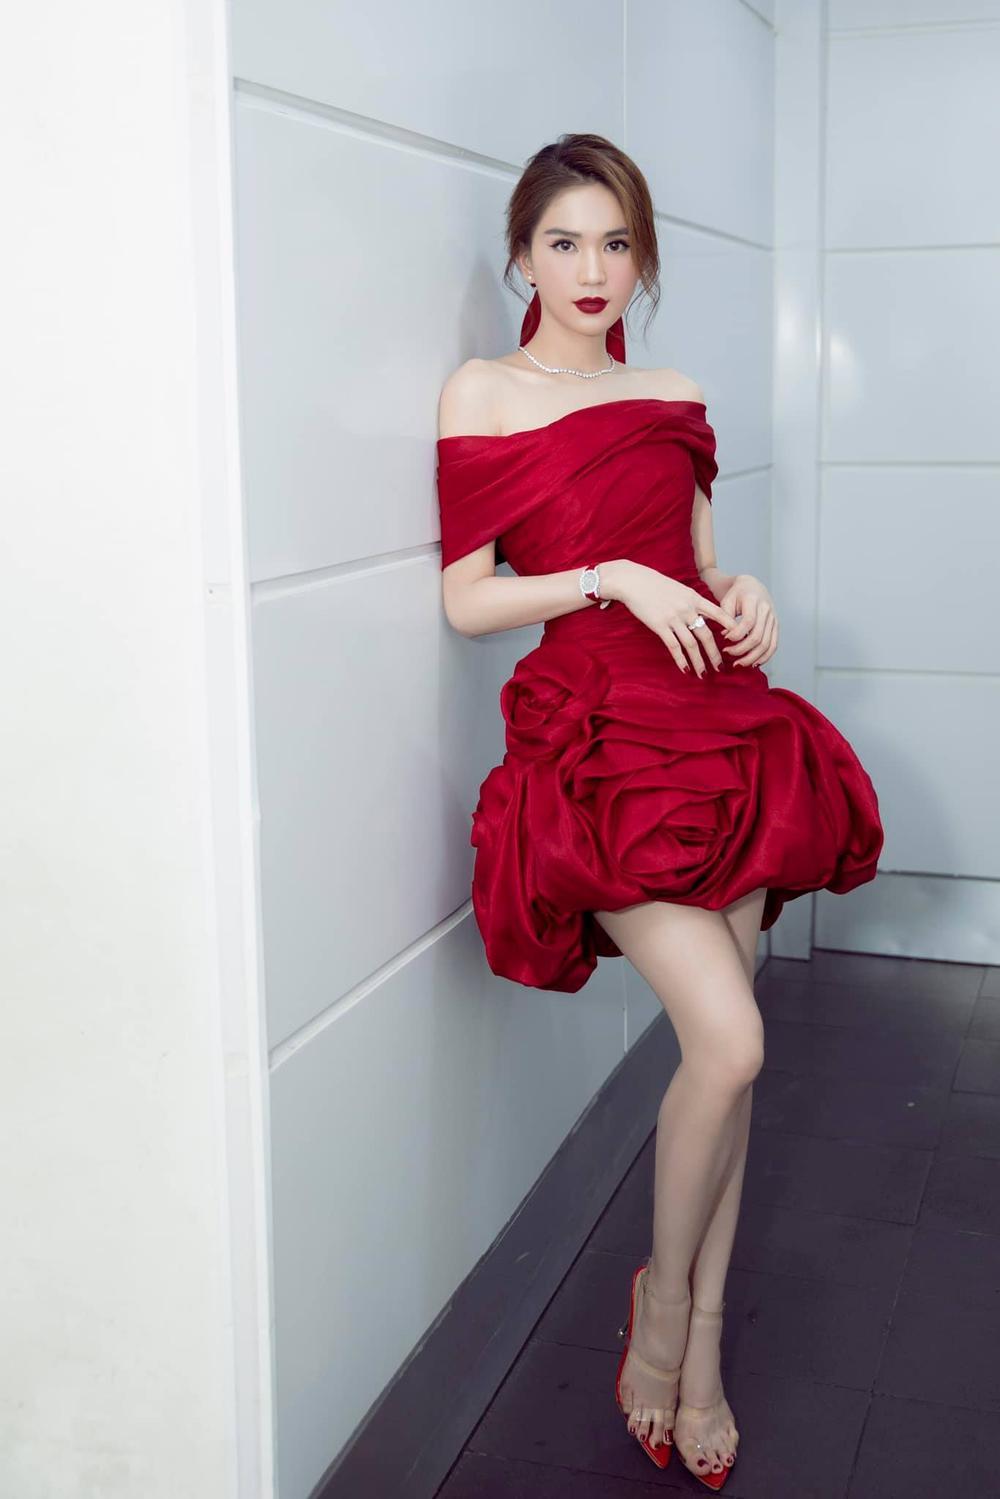 Ngọc Trinh: Hành trình từ Siêu mẫu Việt Nam đến nữ hoàng nội y 'bất bại' Ảnh 18